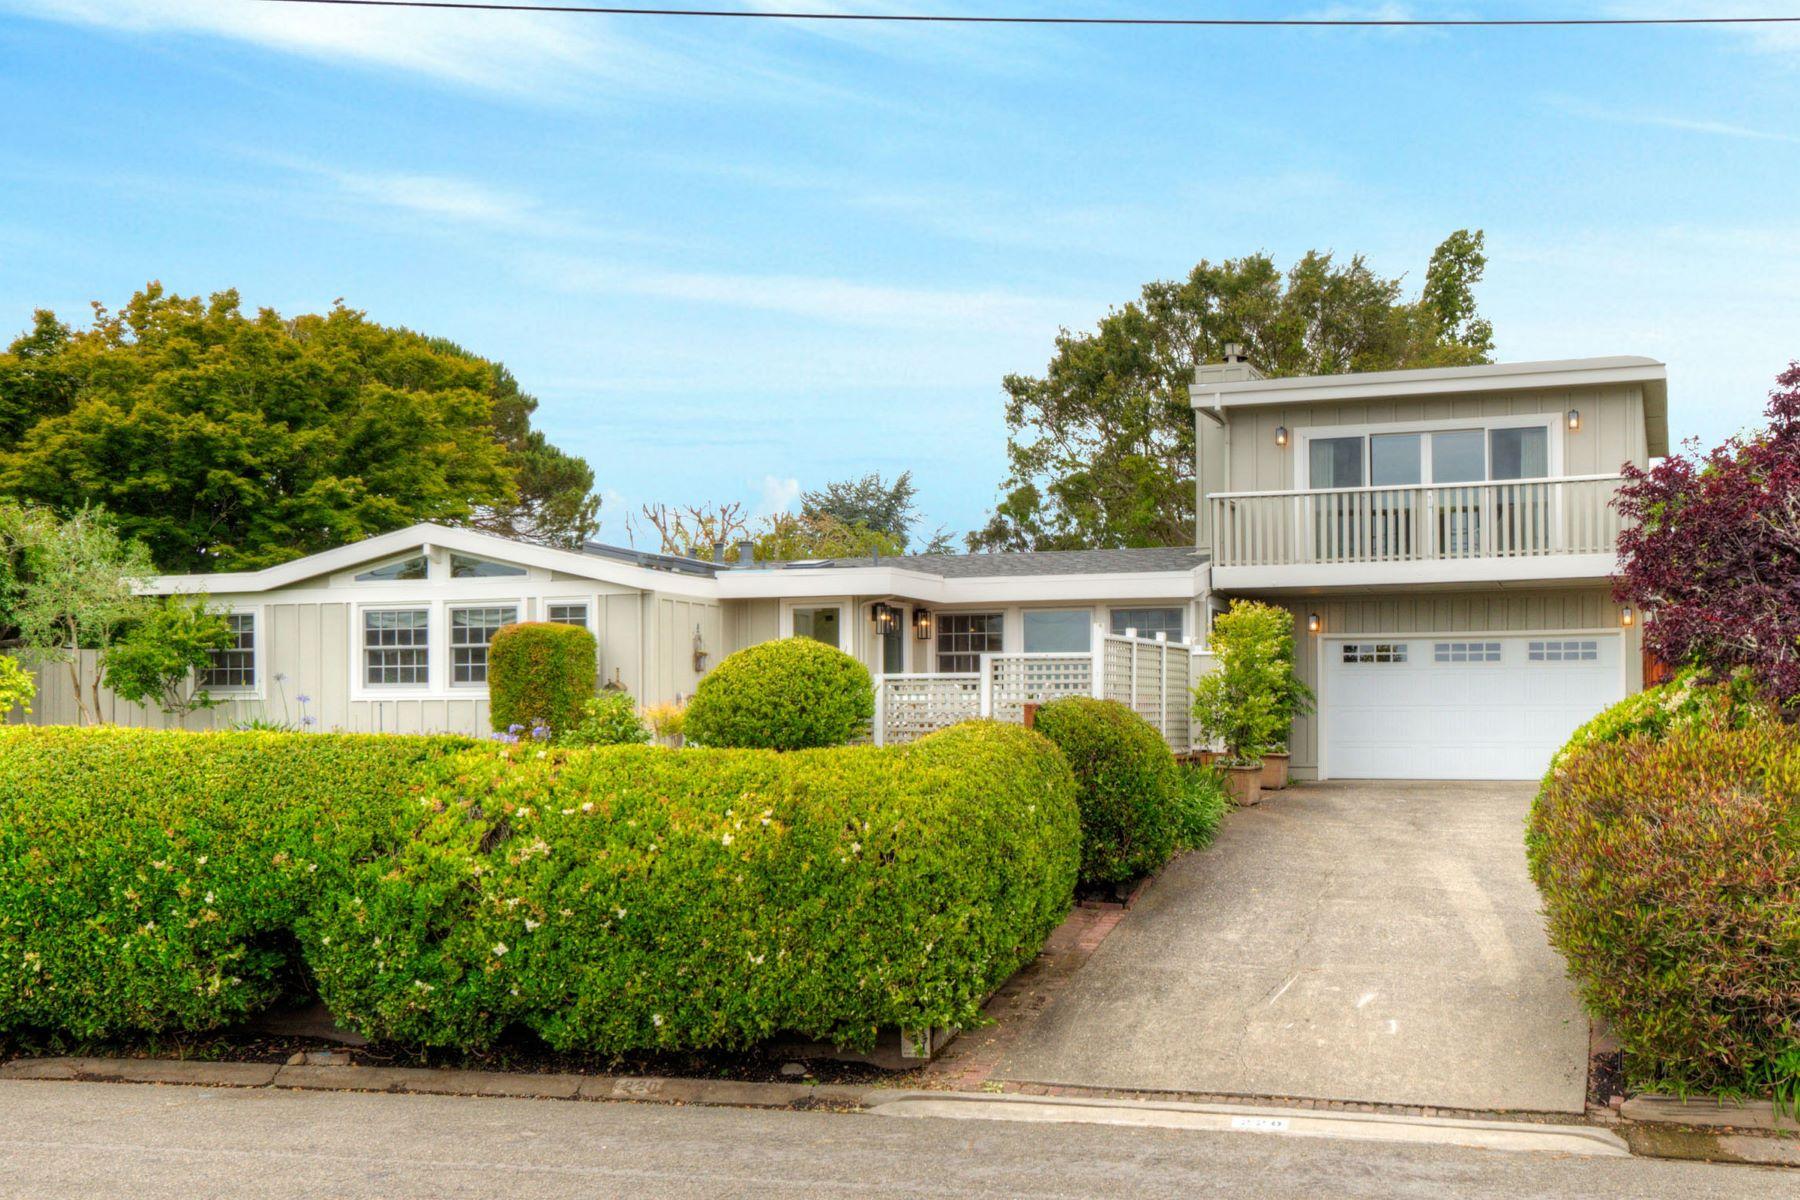 Частный односемейный дом для того Продажа на Strawberry Cape Cod with San Francisco Views! 220 Reed Blvd Mill Valley, Калифорния 94941 Соединенные Штаты